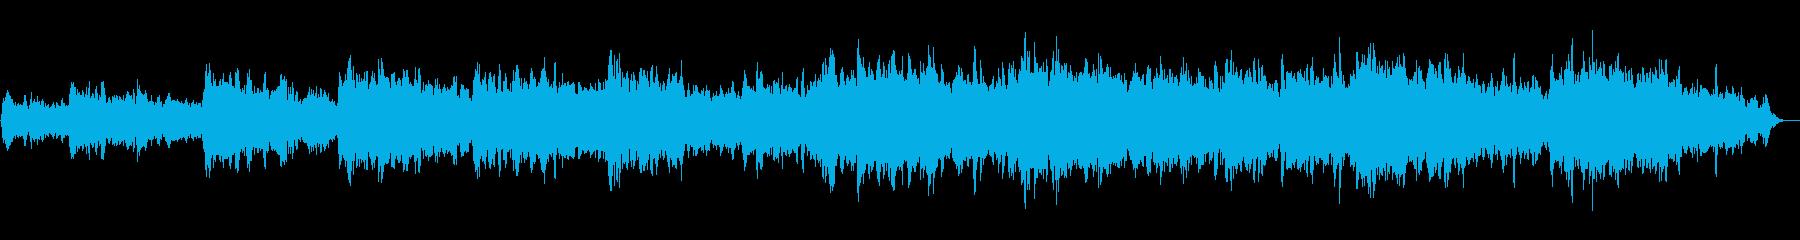 ヒーリング、瞑想、睡眠のための環境音楽の再生済みの波形